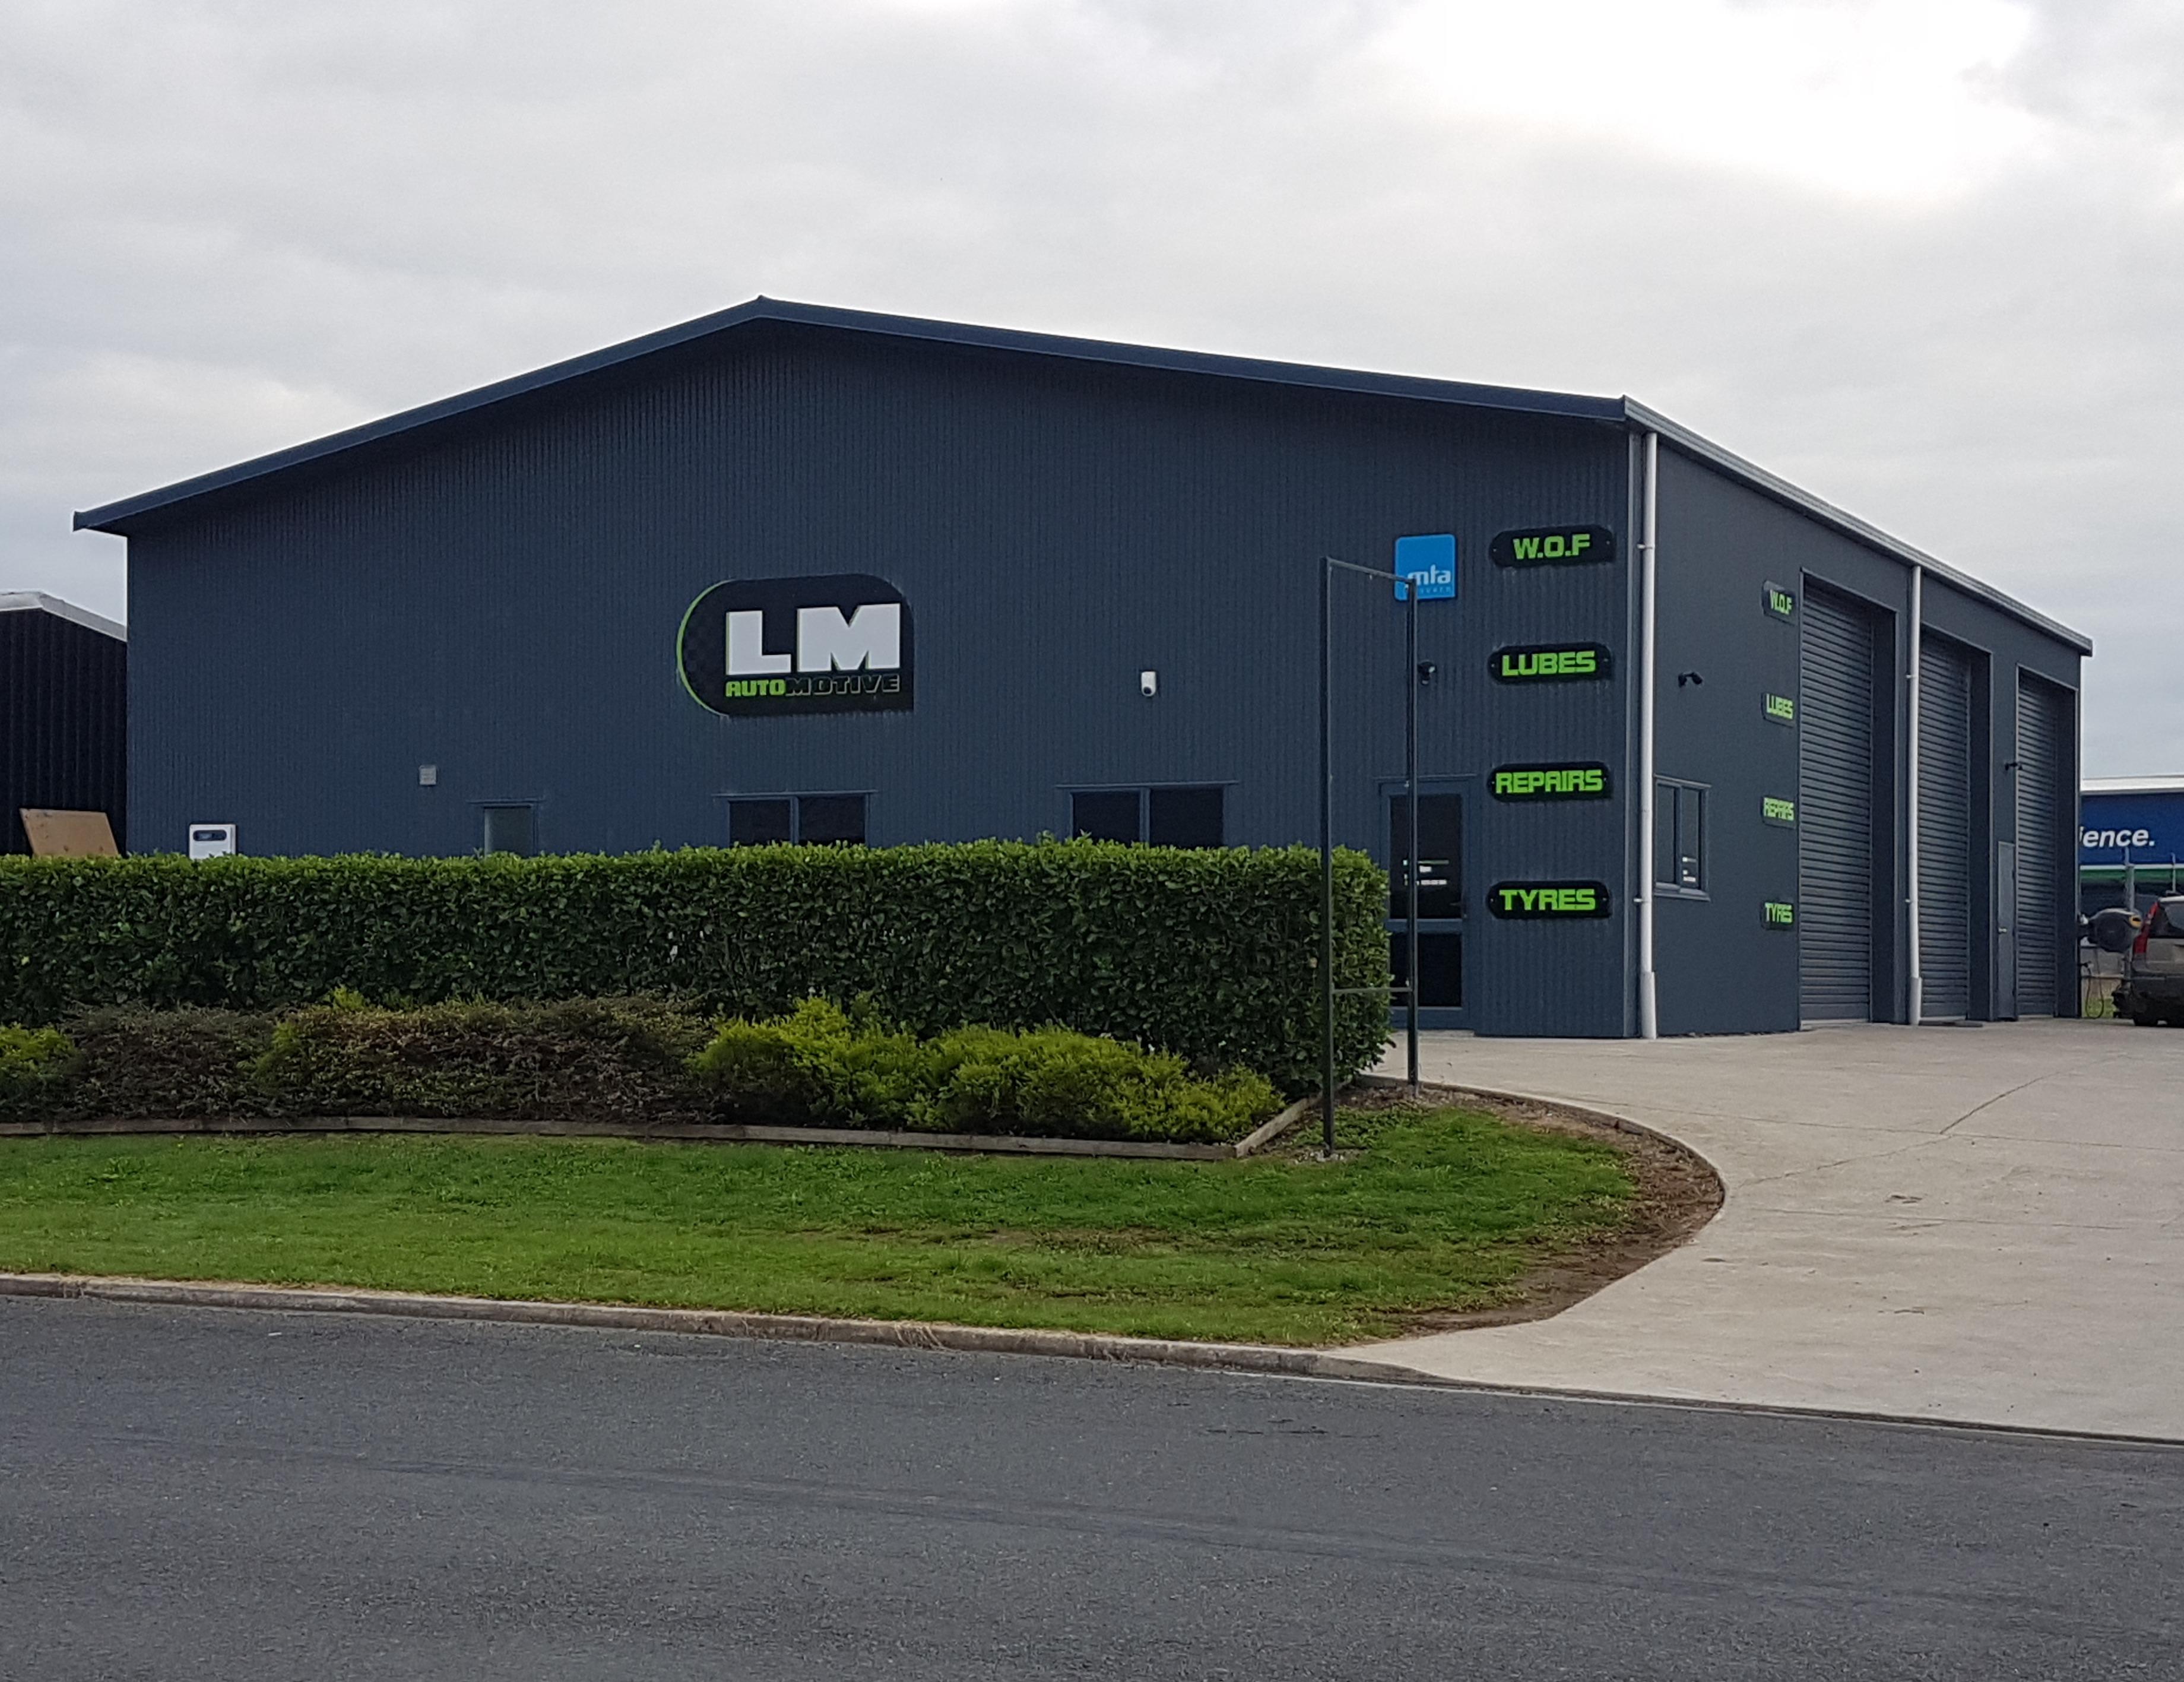 L M Automotive Ltd